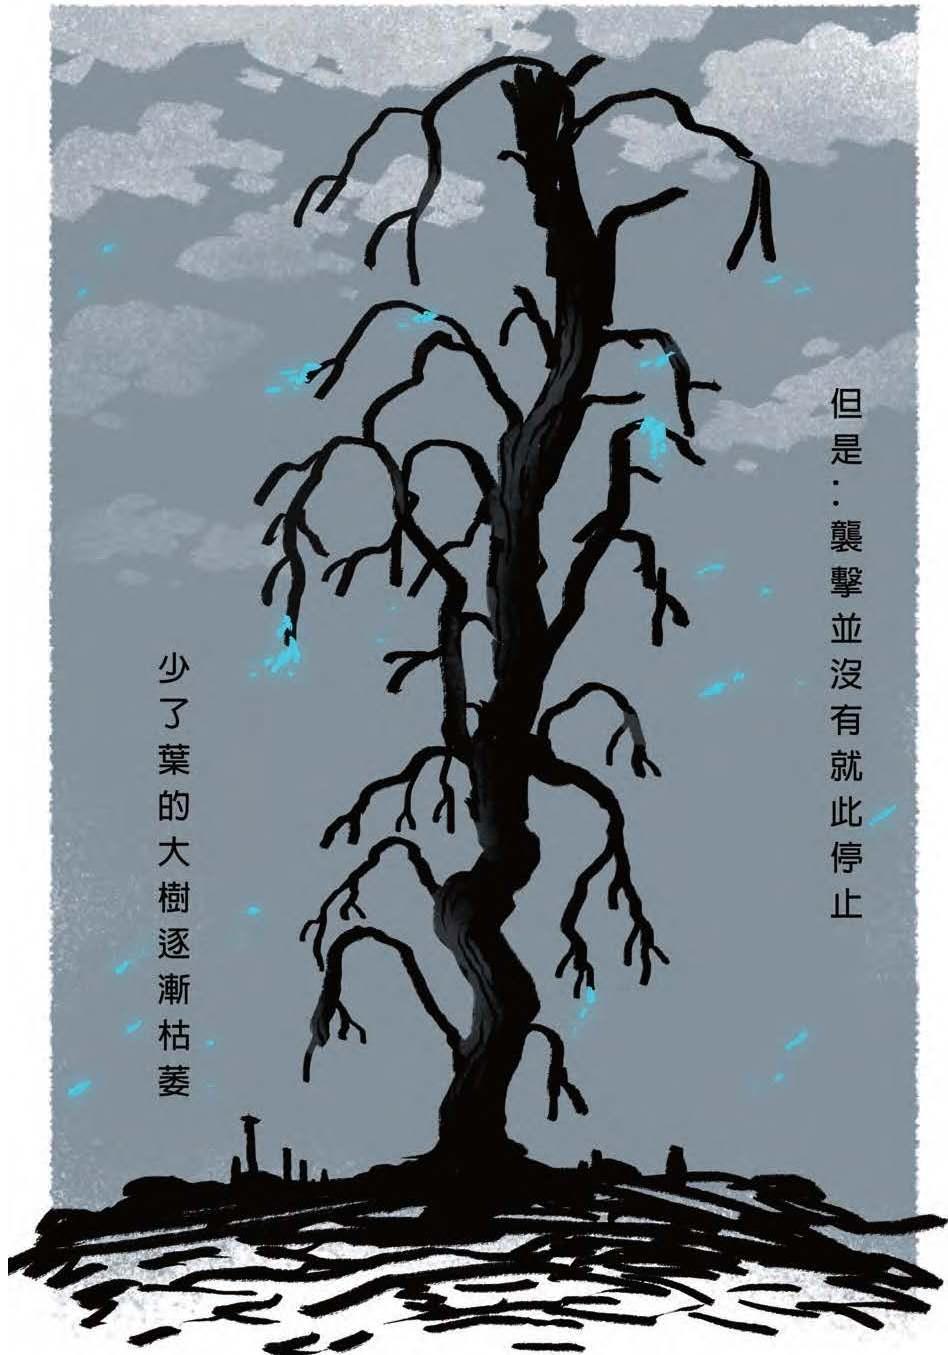 51屆漫畫項國軍組優選_載之樹06.jpg